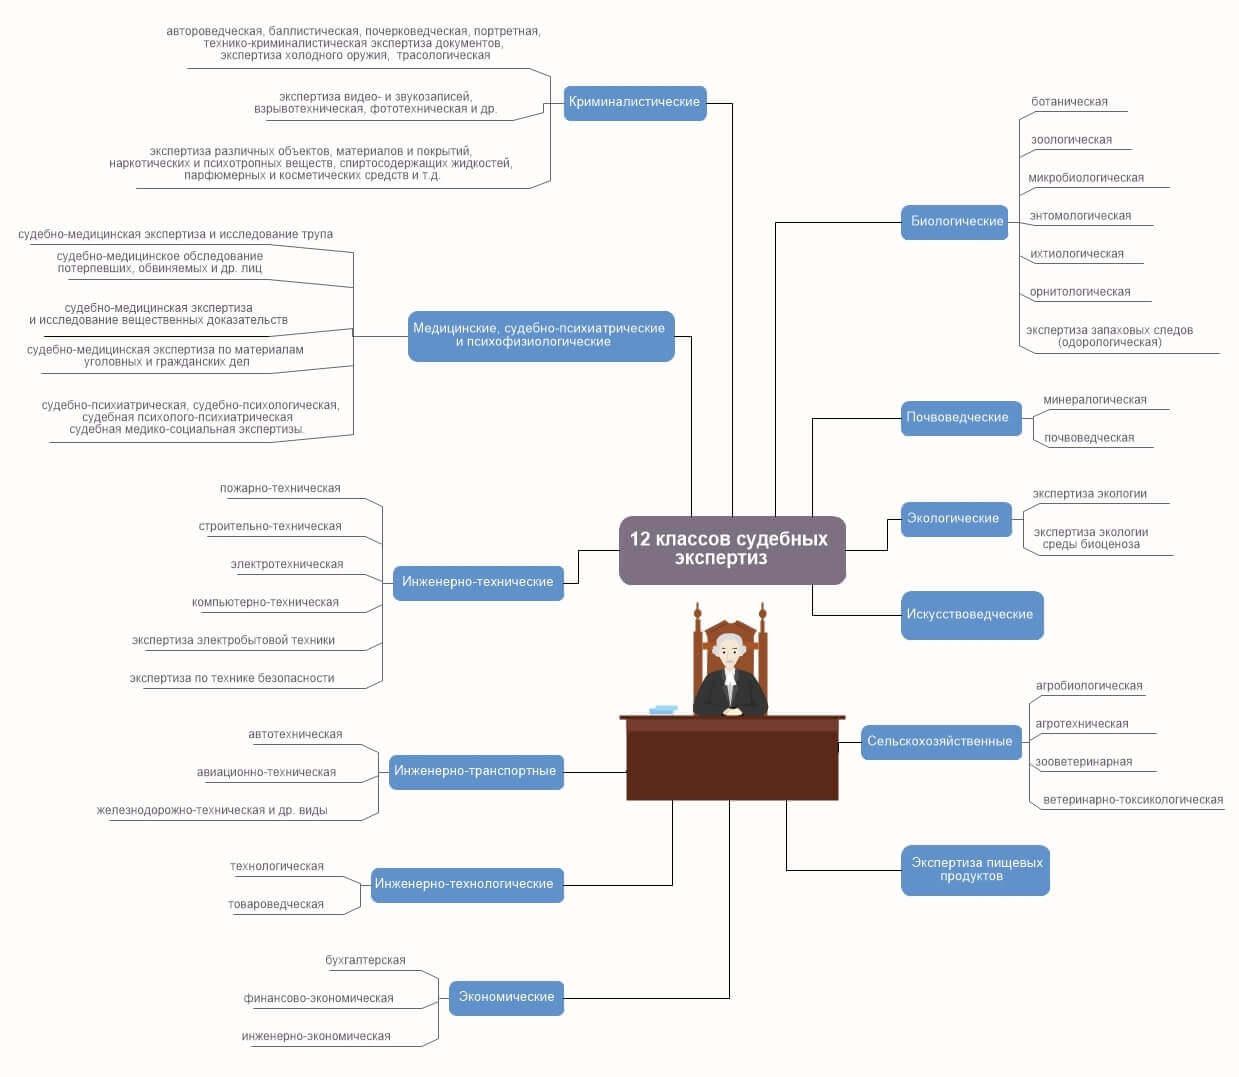 12 классов судебных экспертиз